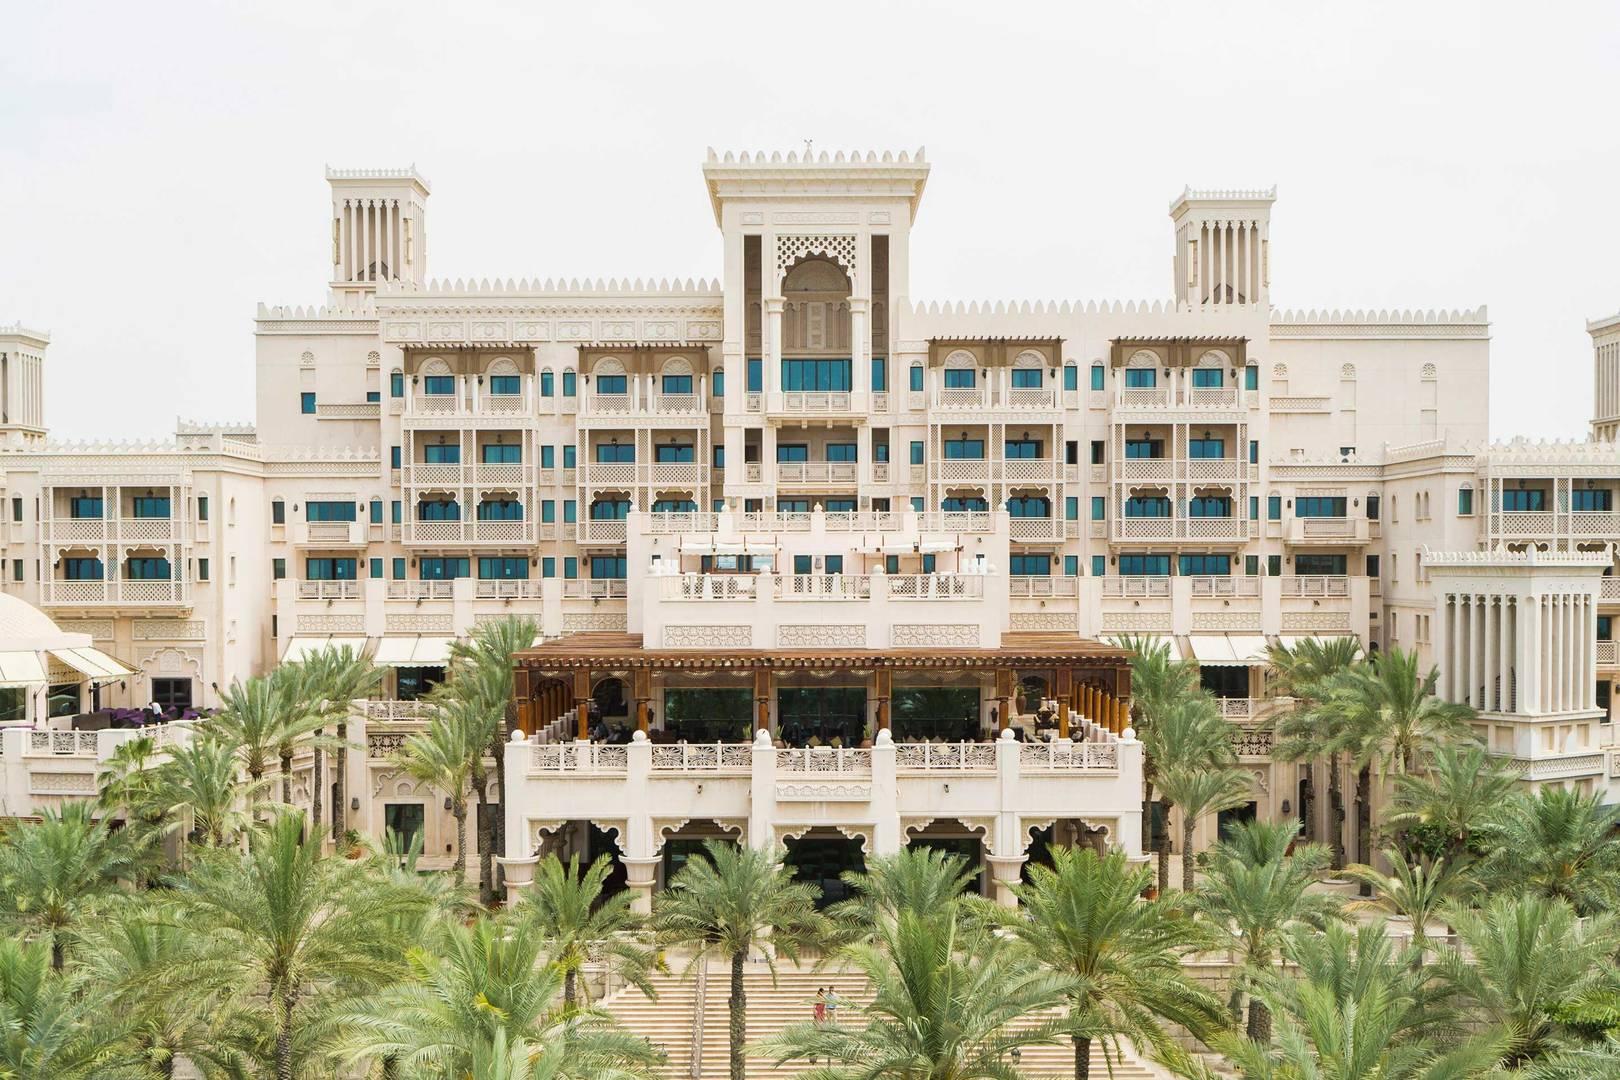 View of the facade of the Jumeirah Al Naseem Hotel